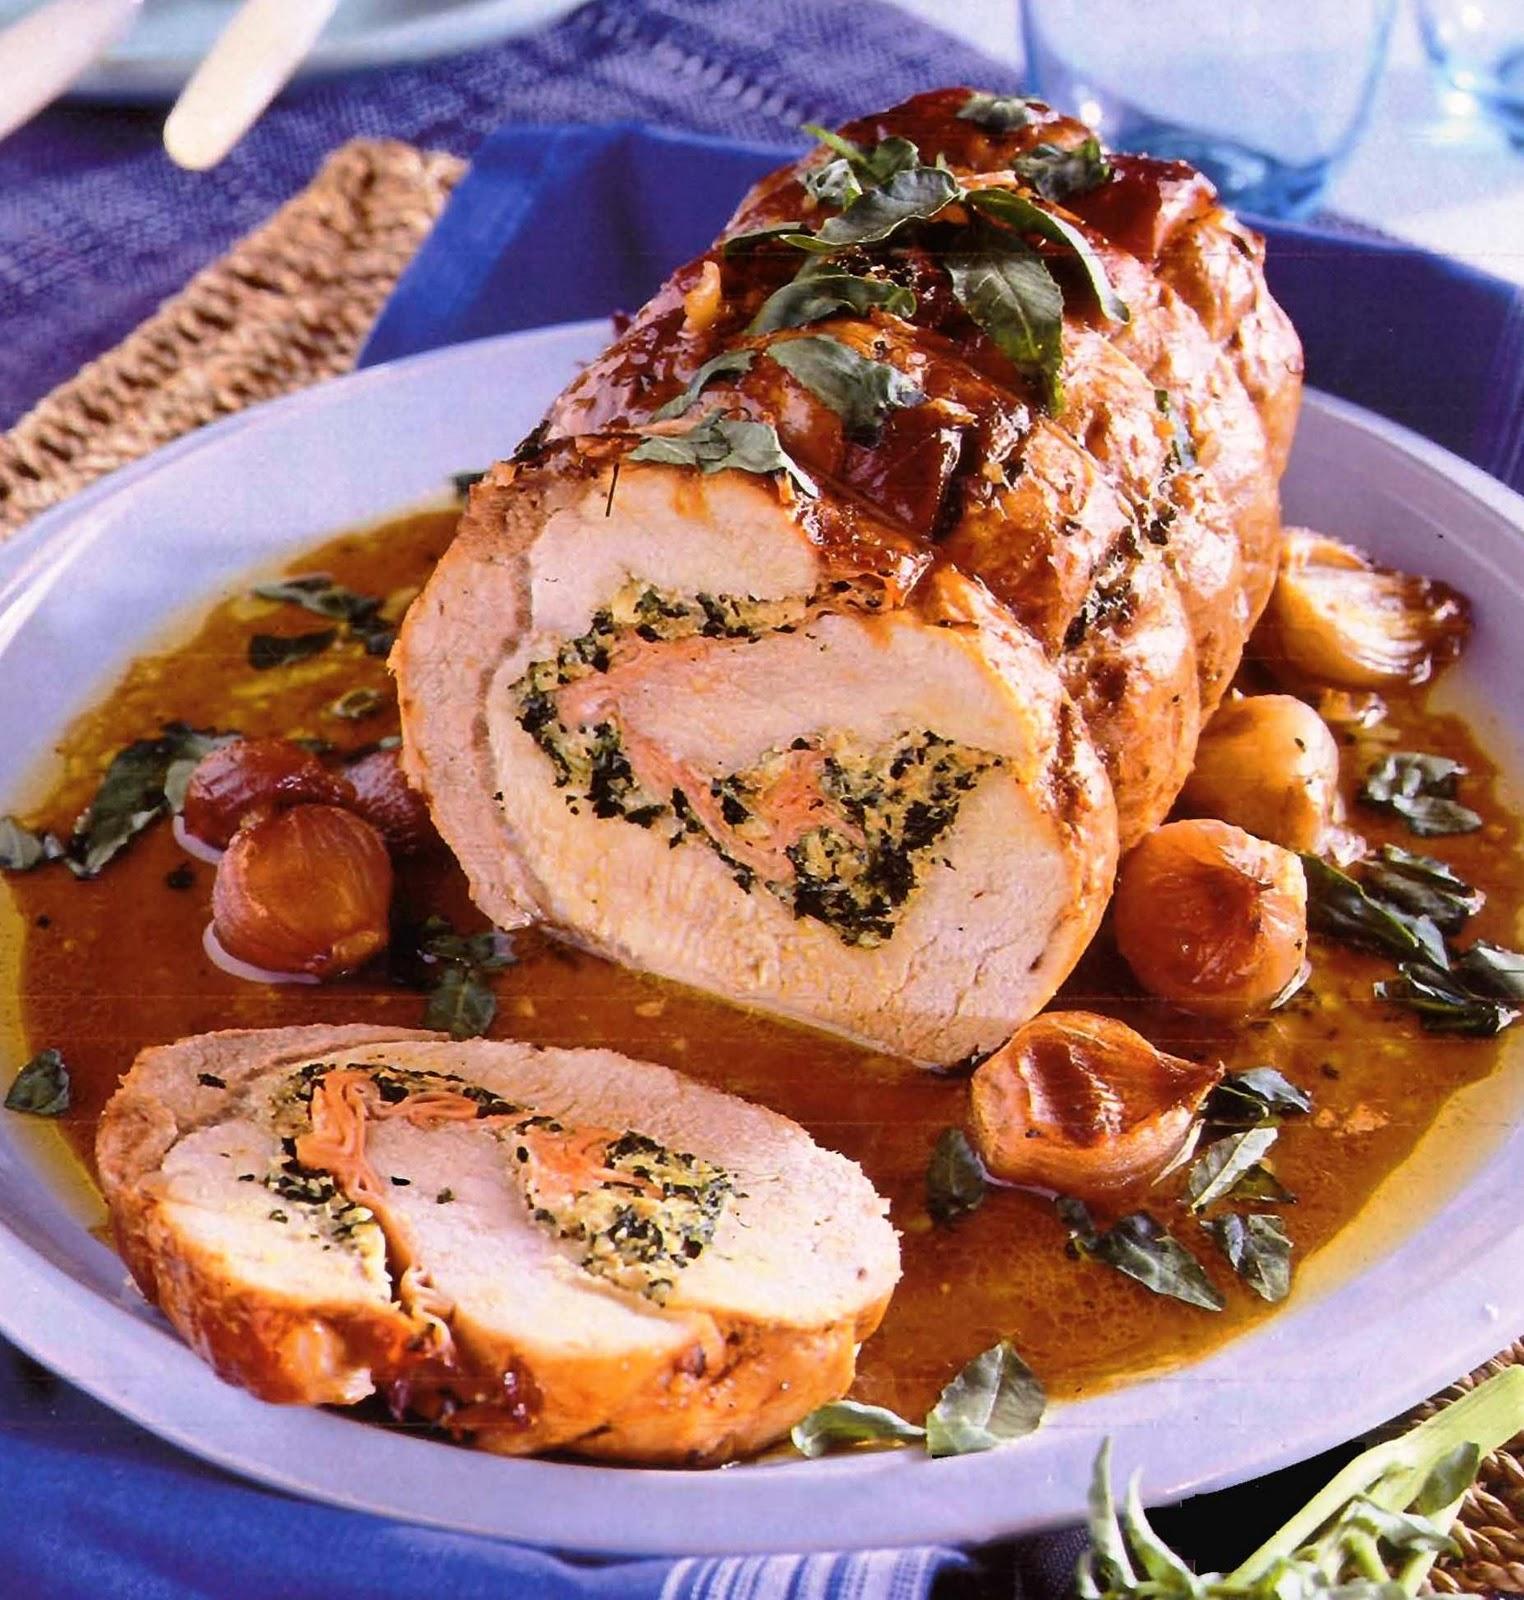 быстрые мясные блюда рецепты с фото длиной колен